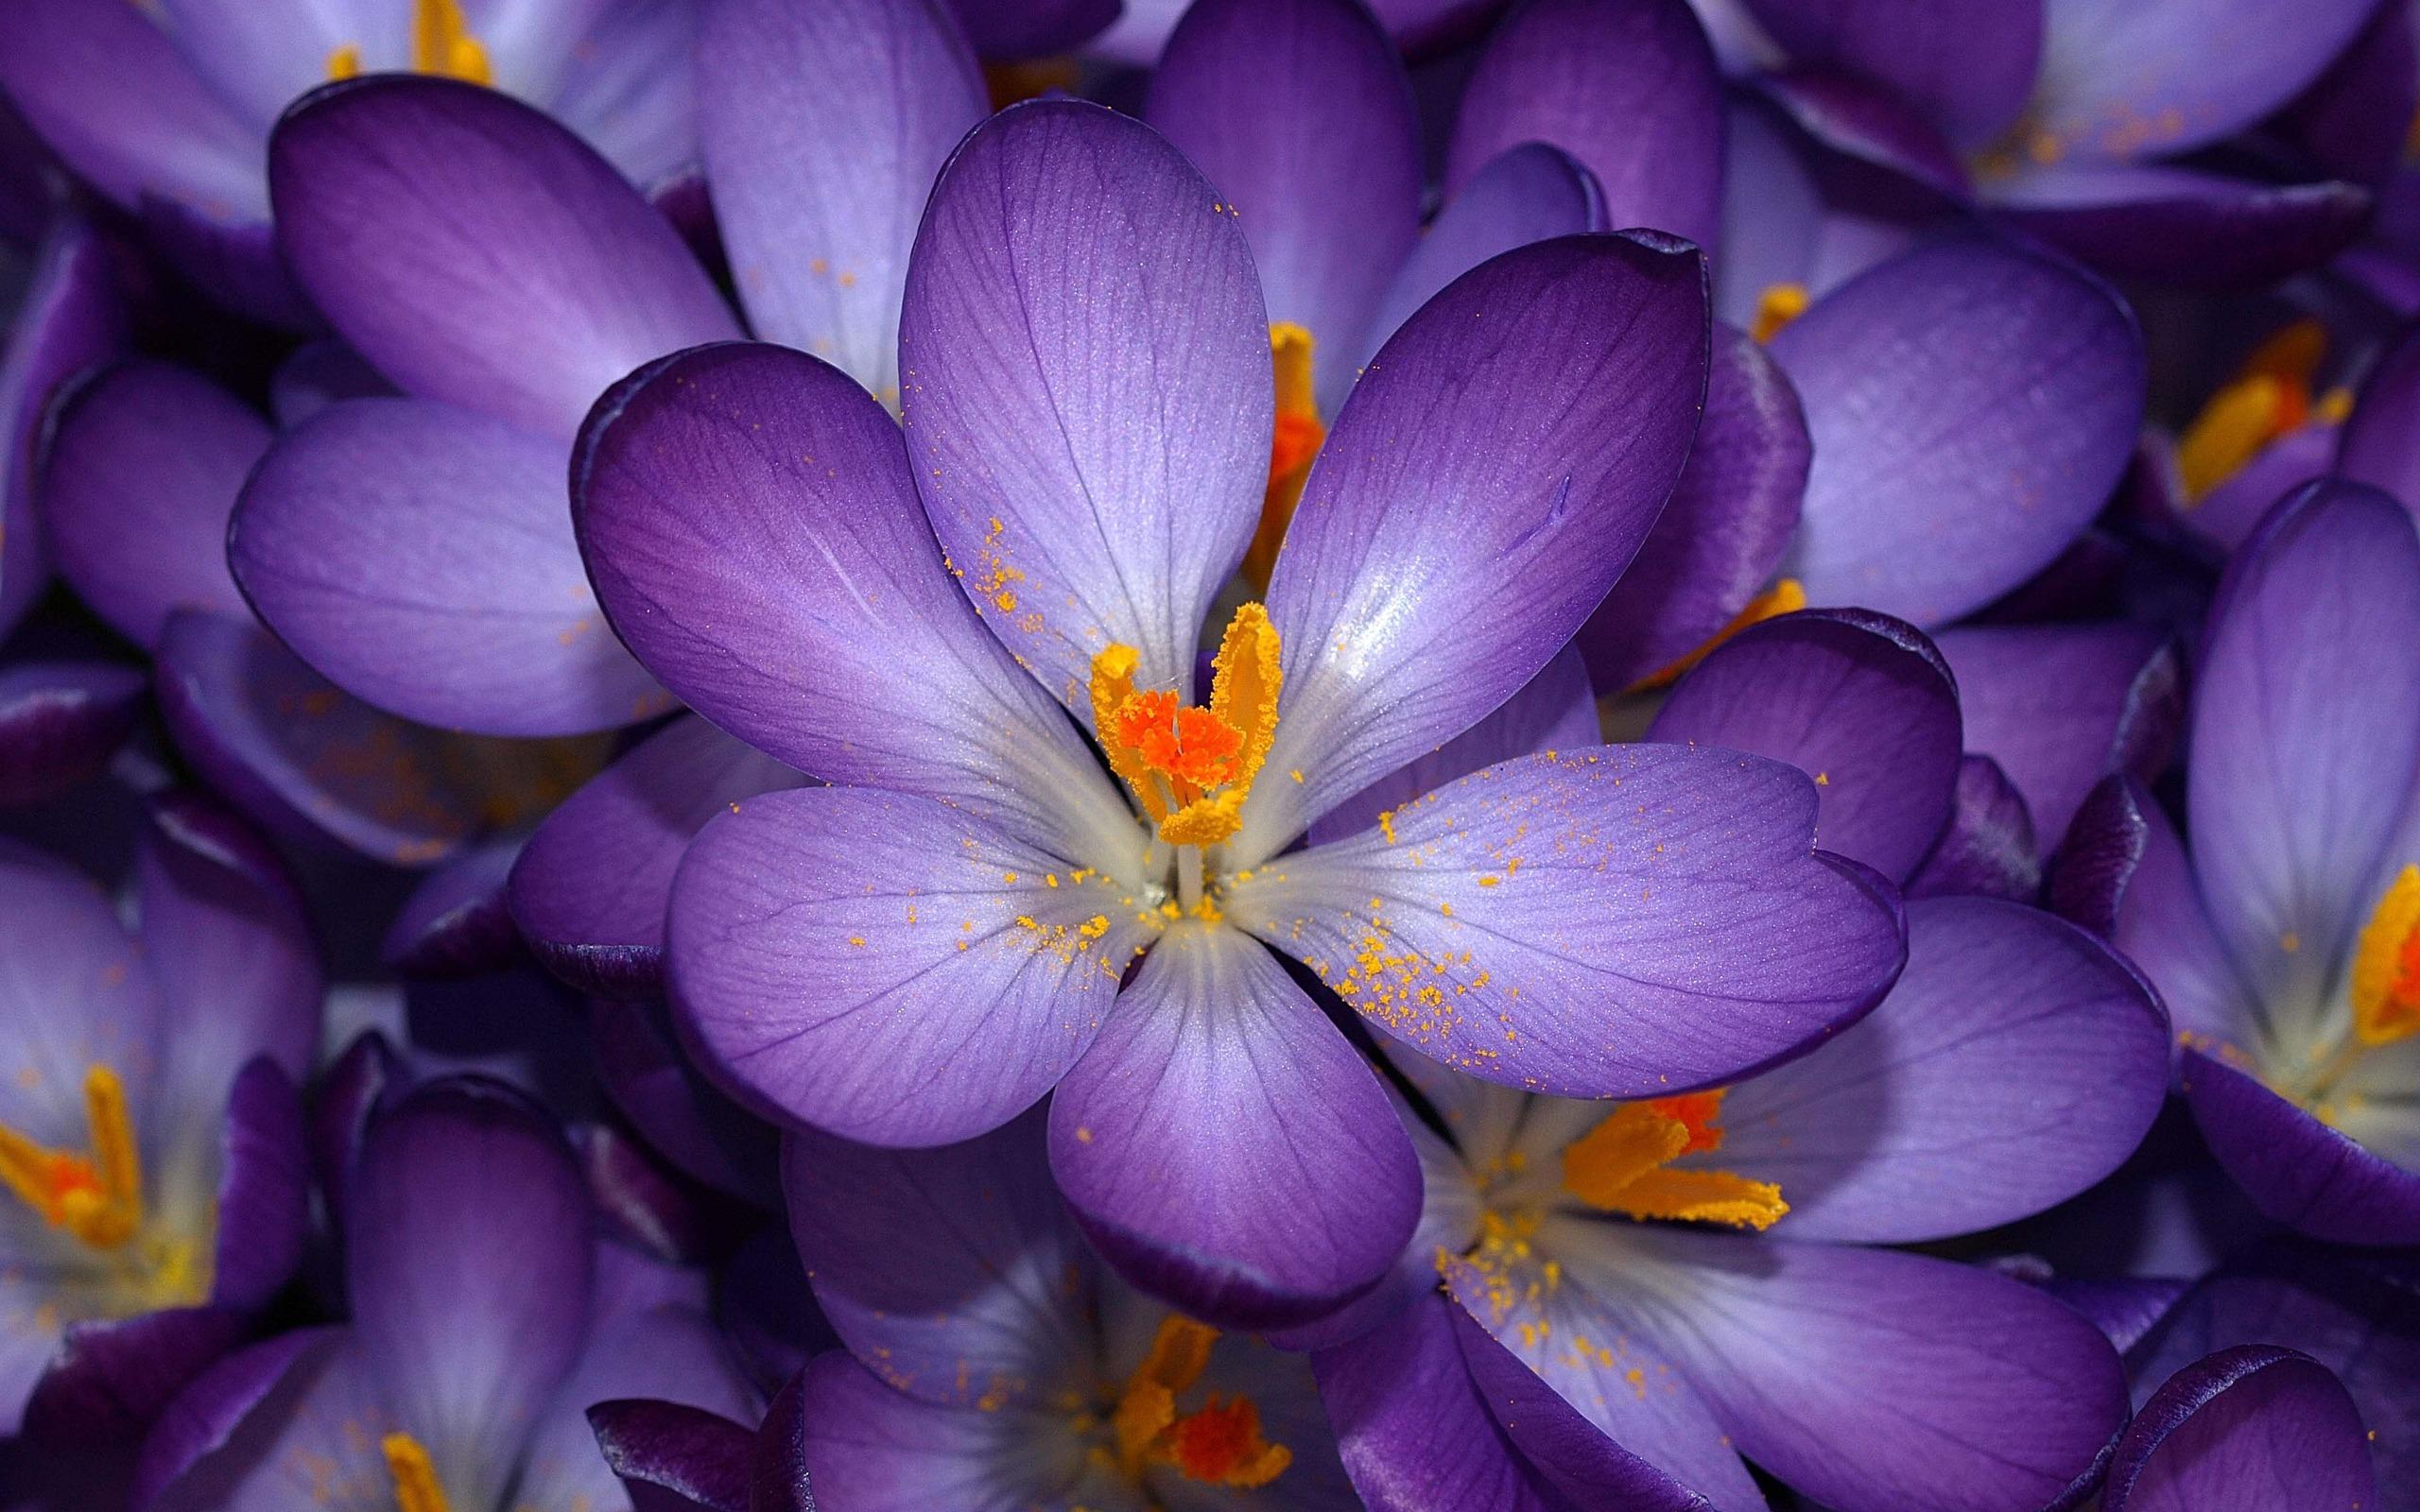 обычные картинки красивых цветов совпадения различия